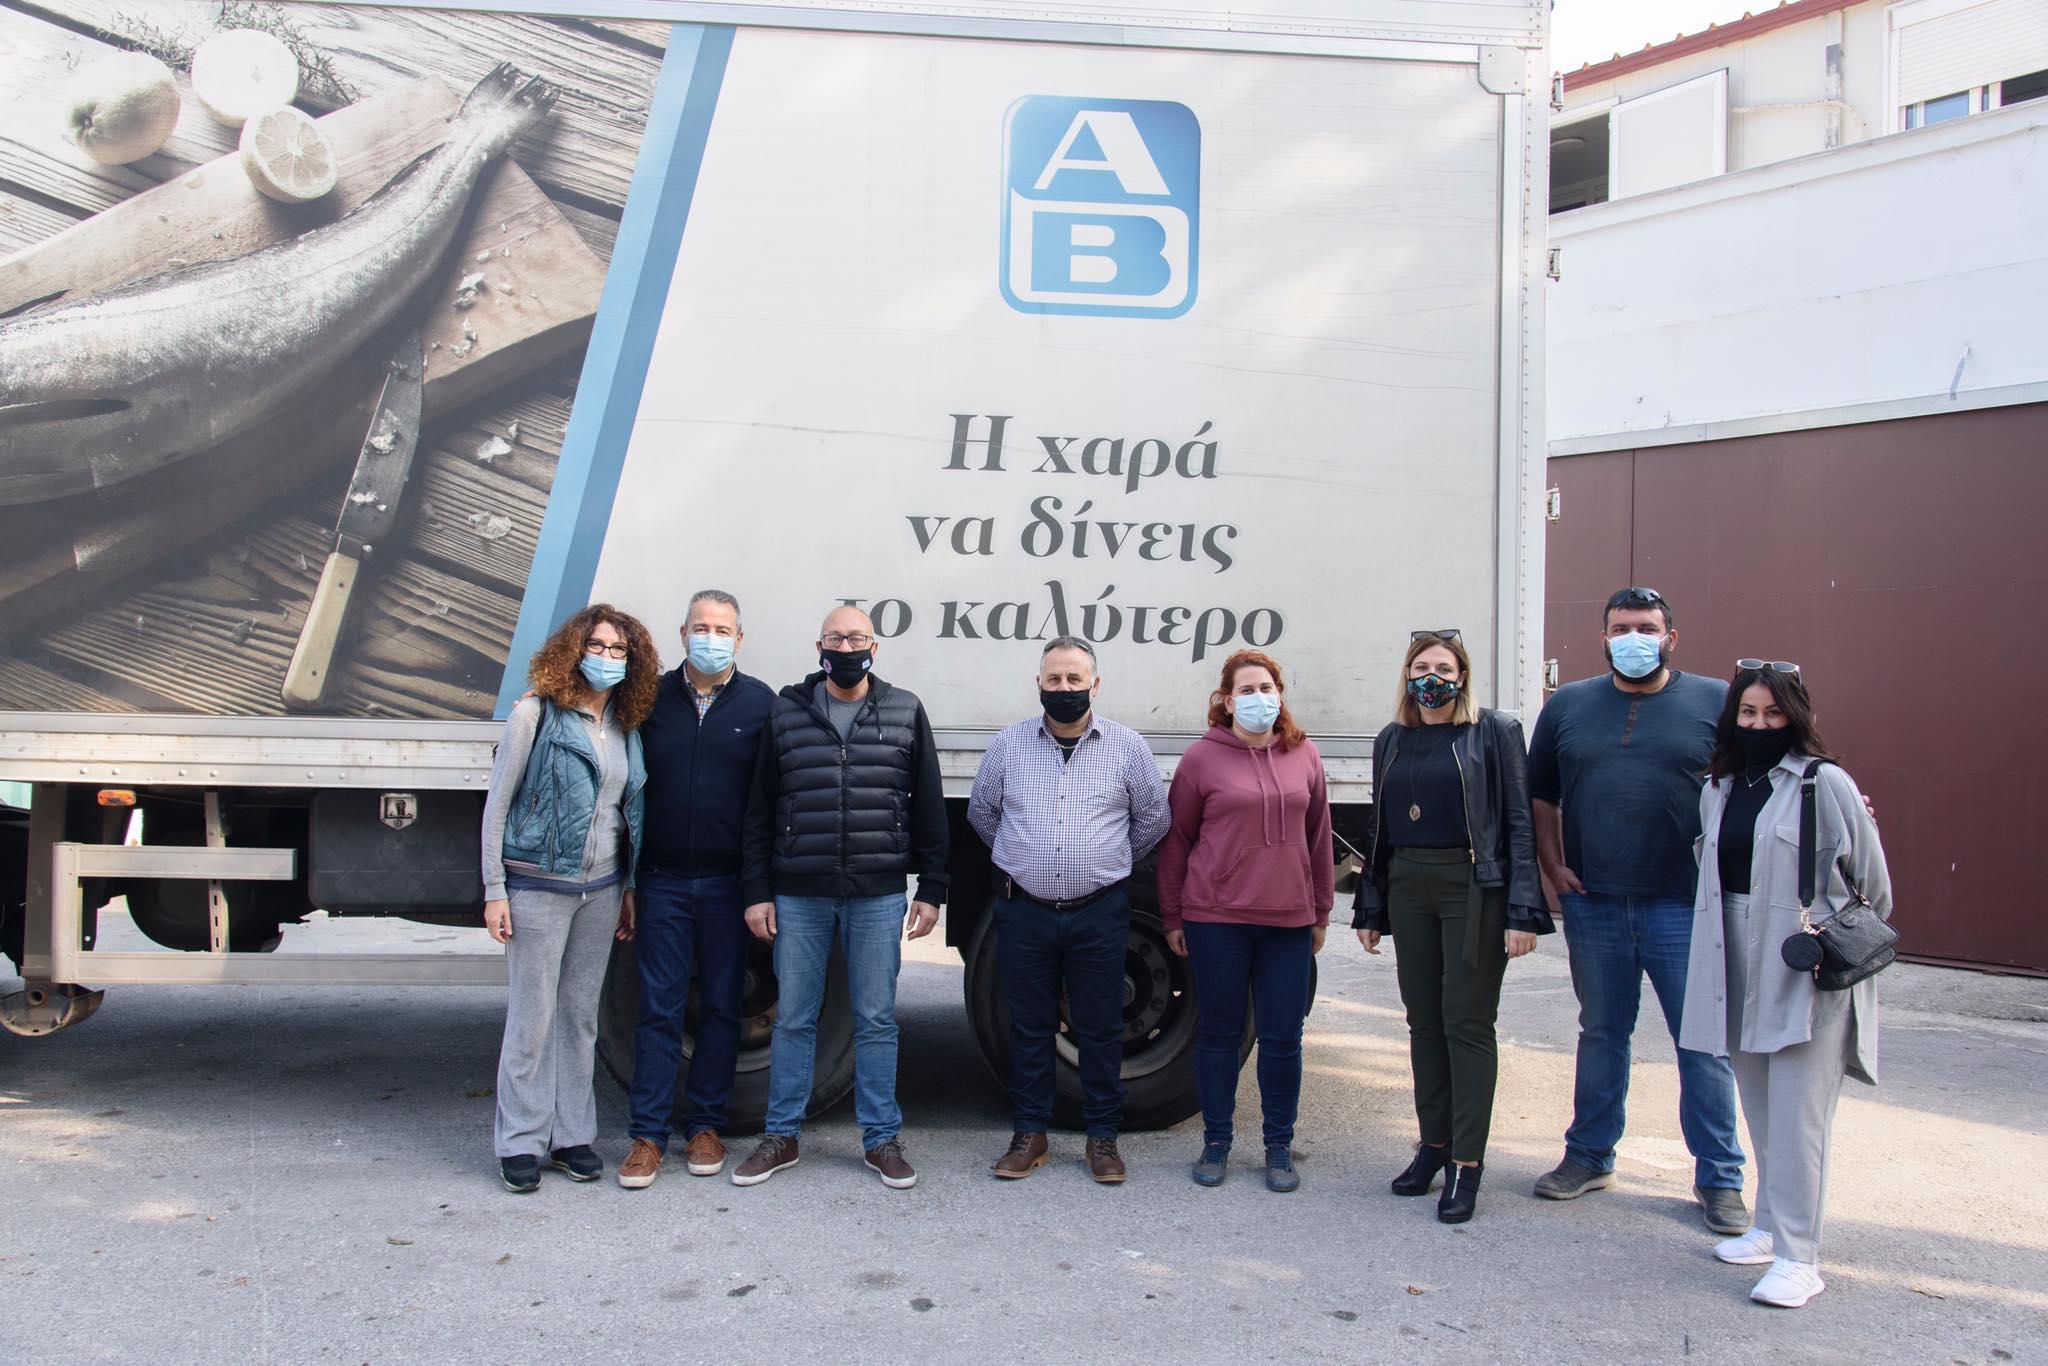 Ευχαριστήριο του Δήμου Ανατολικής Σάμου στην εταιρεία ΑΒ Βασιλόπουλος, στην κα Α. Βαλαγεωργίου και στον κ. Σ. Ζαρμπάνη